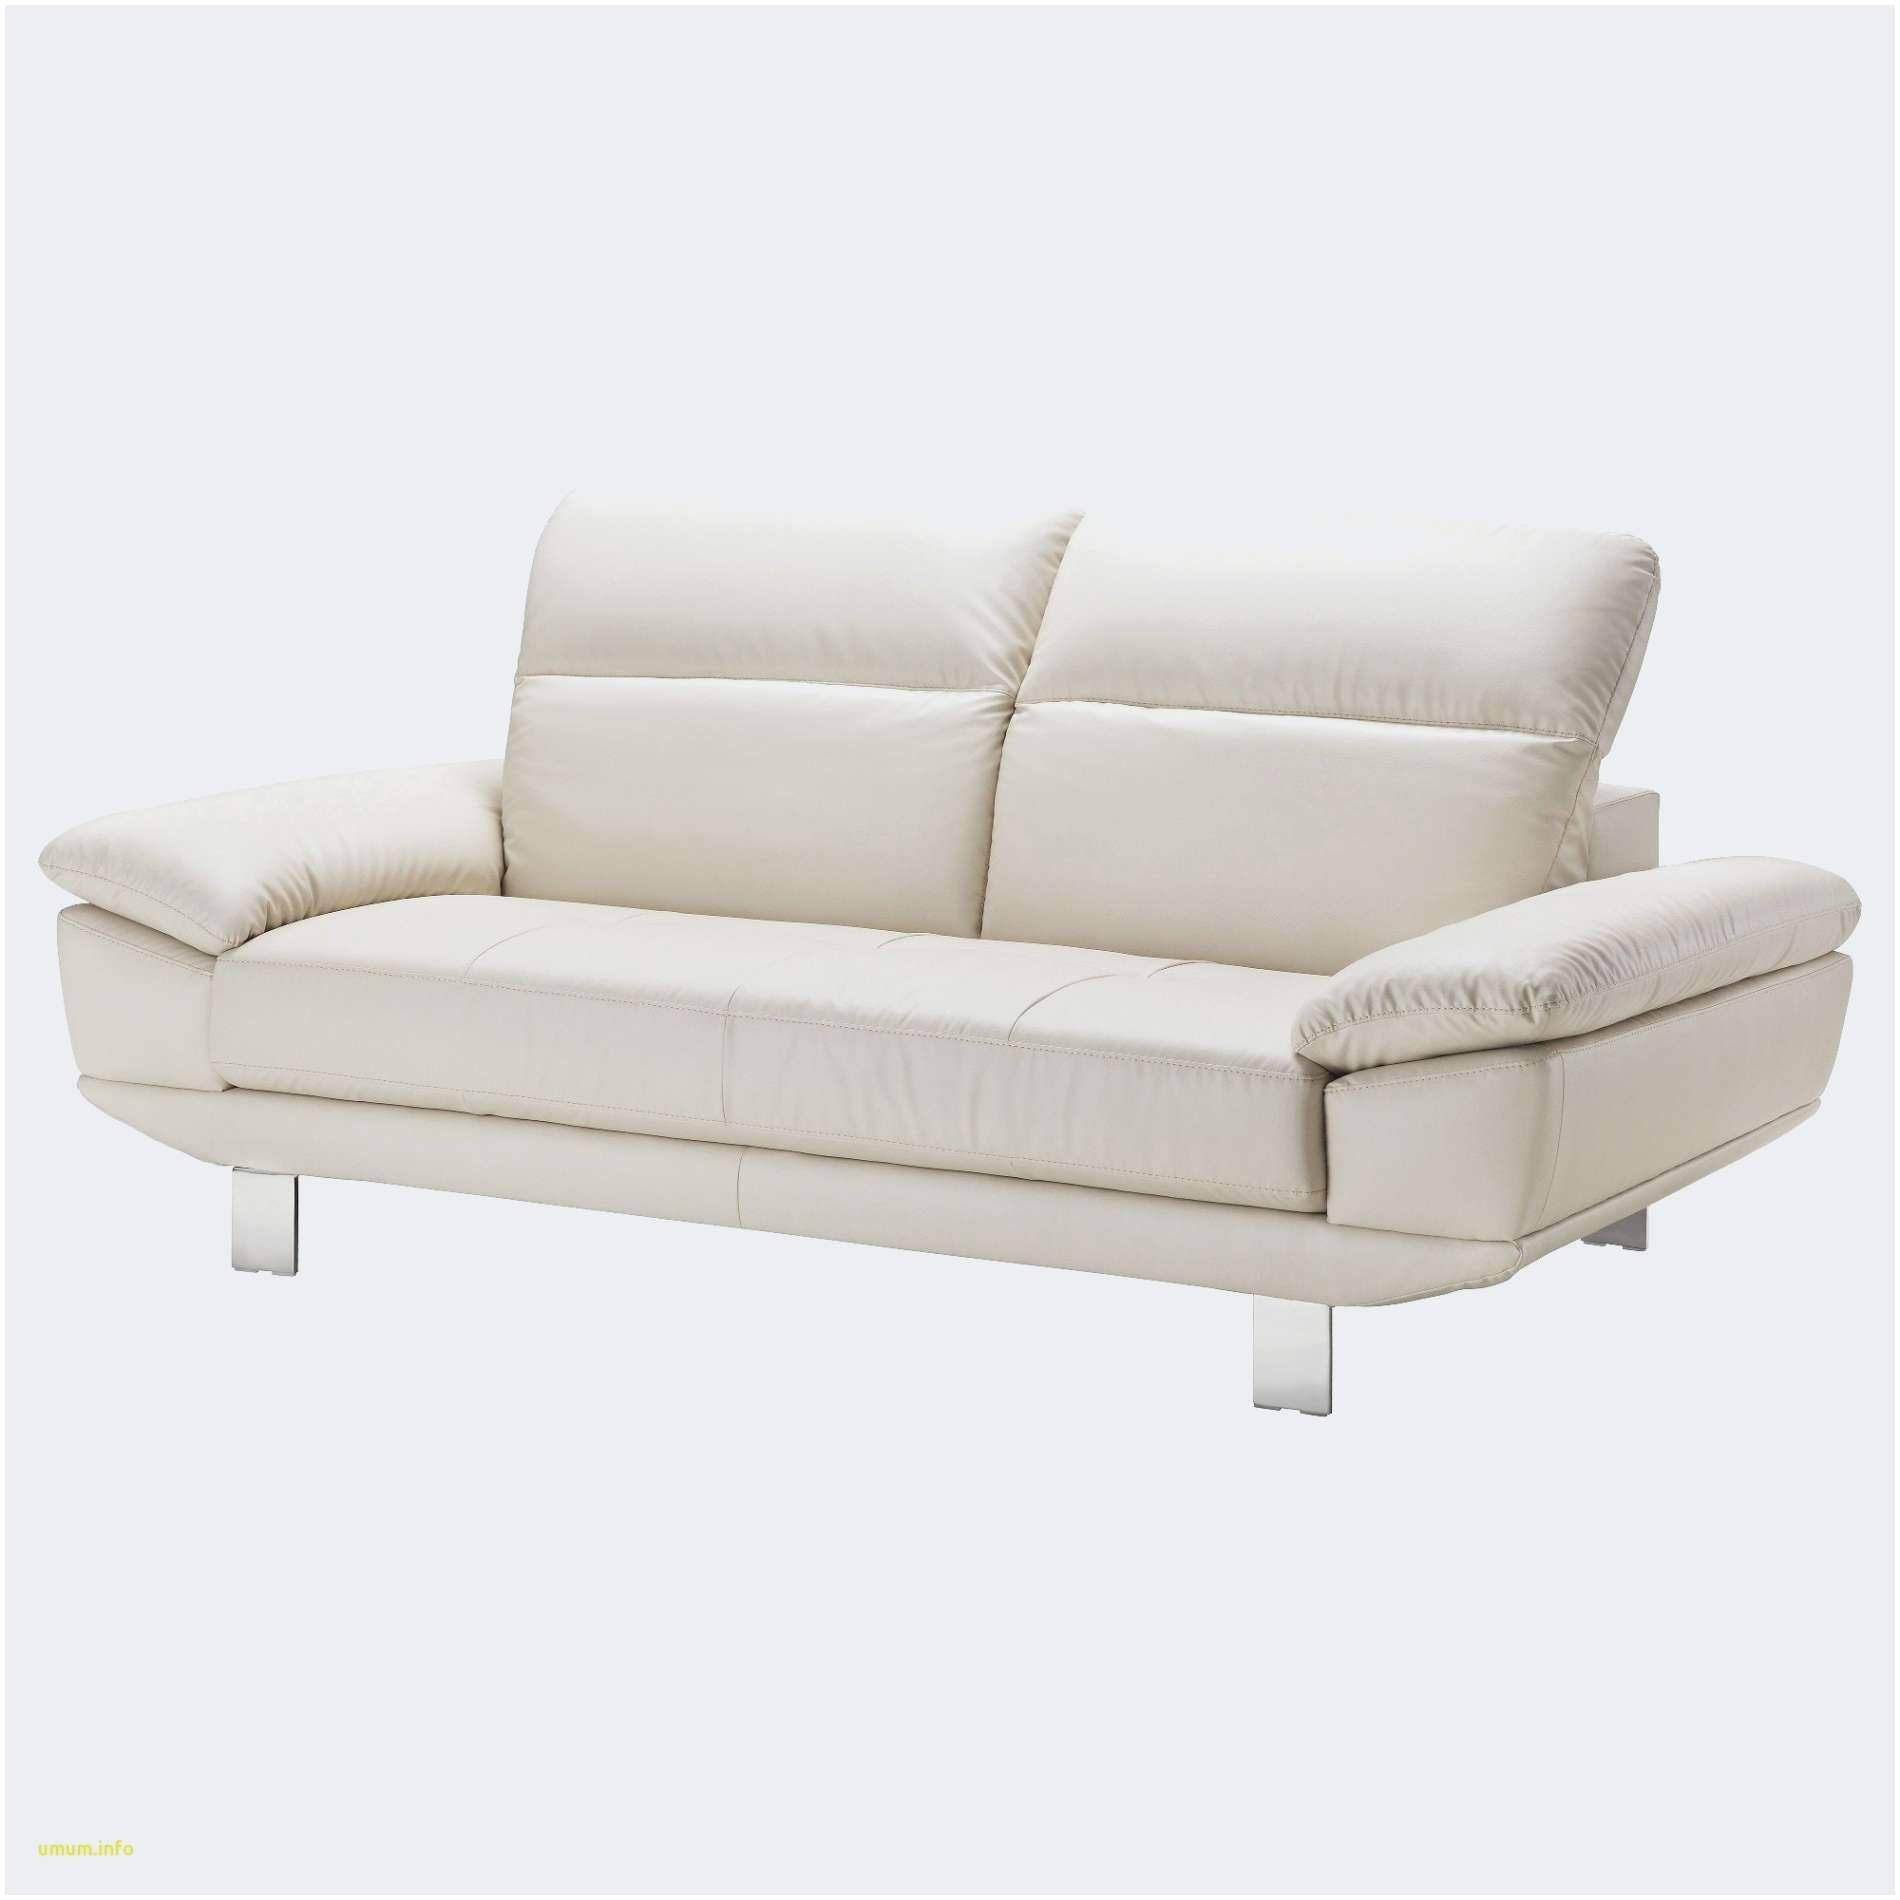 Ikea Canapé Lit Convertible Luxe Inspiré Canapé 3 Metres — Laguerredesmots Pour Meilleur Canapé Angle